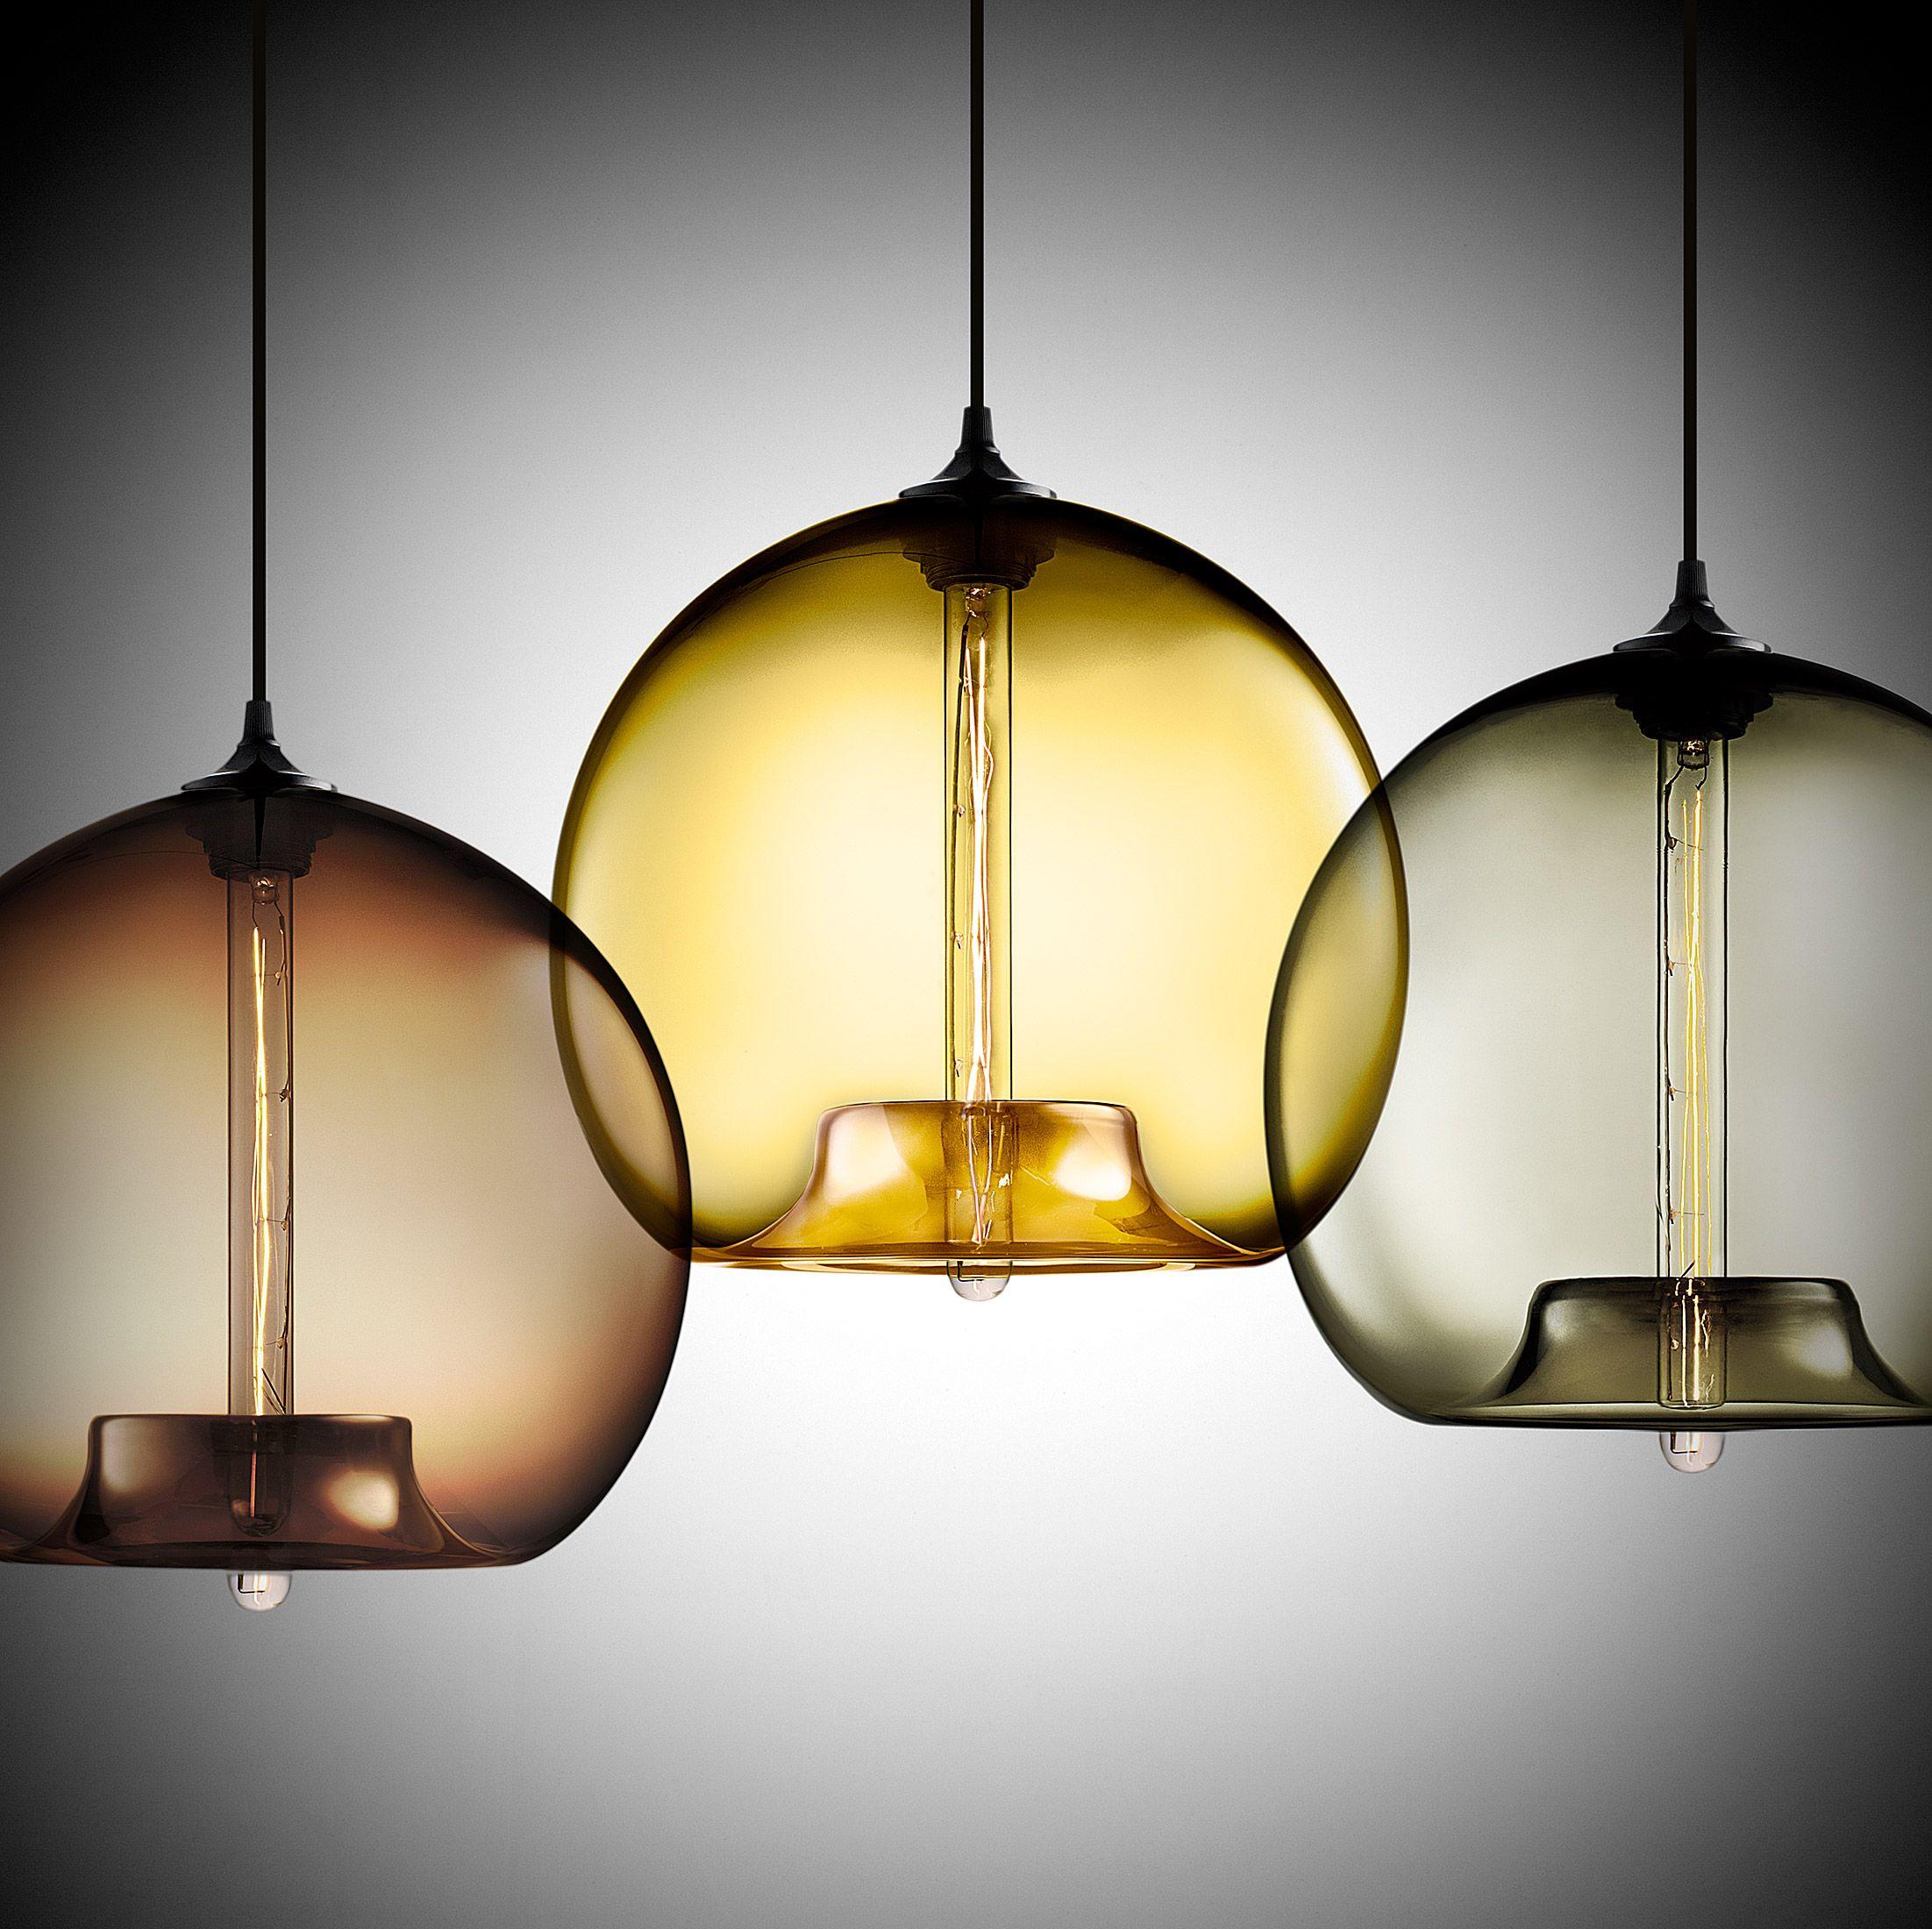 Stamen Modern Pendant Light Niche Modern Contemporary Lighting Modern Pendant Light Pendant Light Niche Modern Lighting